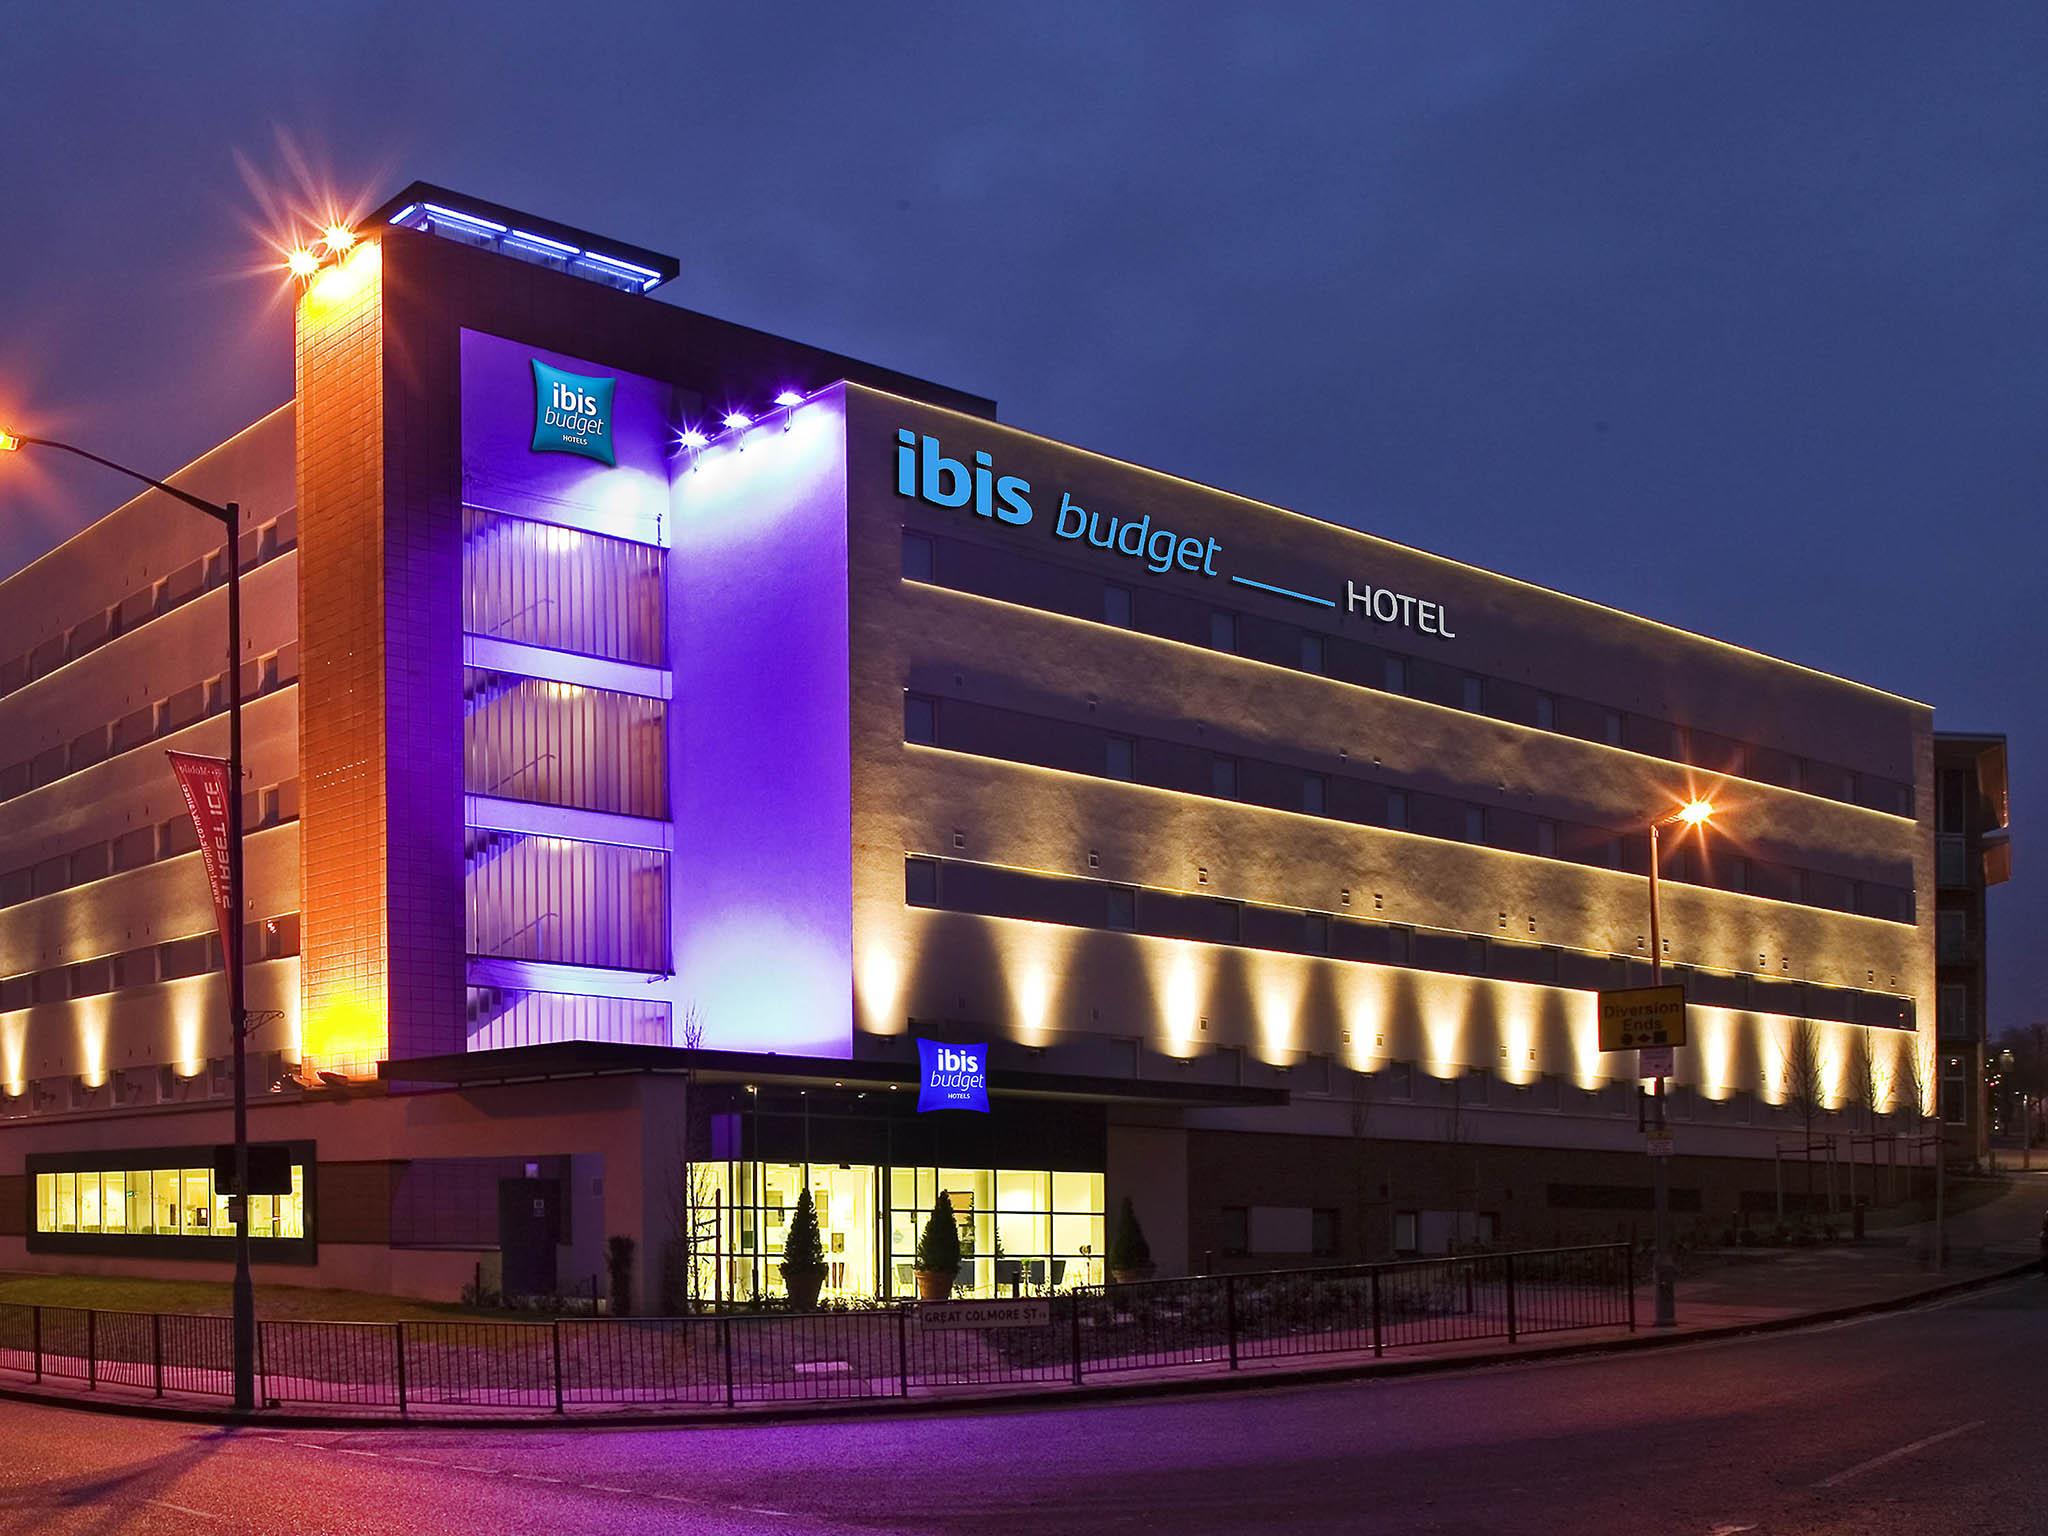 ホテル – イビスバジェットバーミンガムセンター